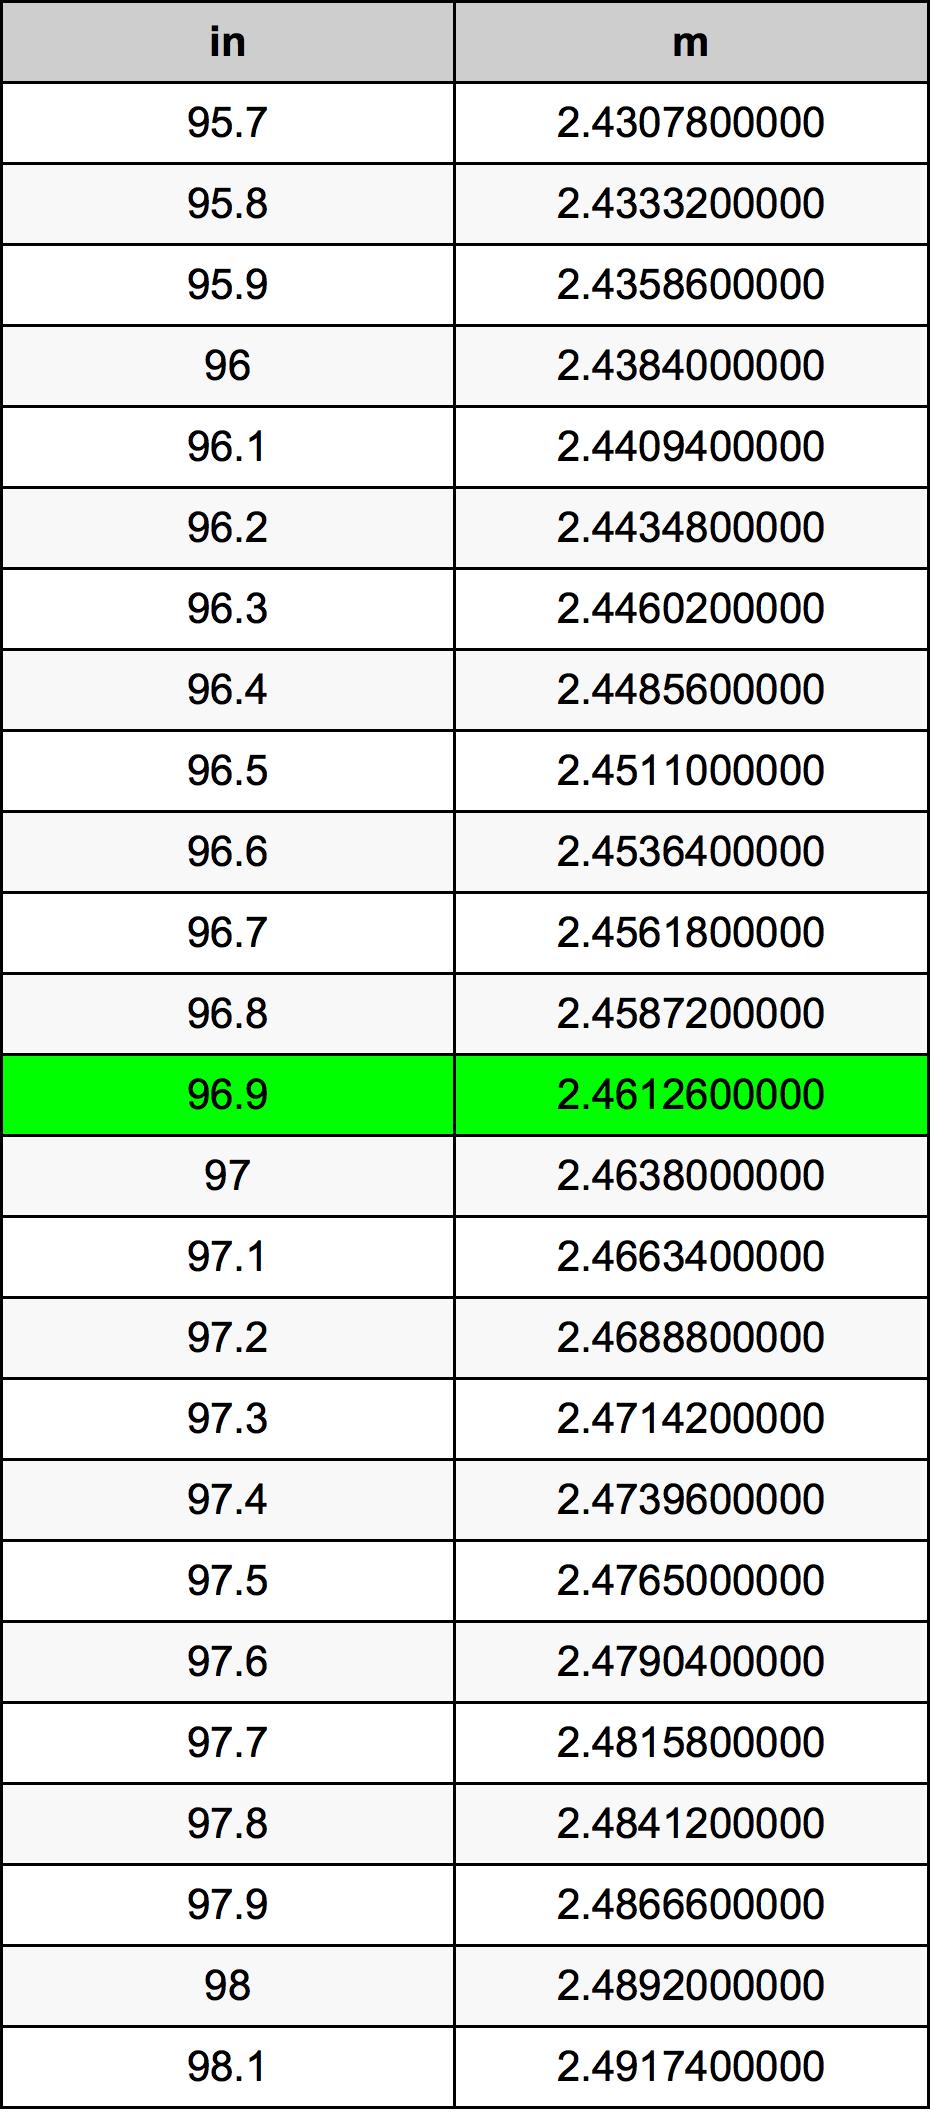 96.9 Țol tabelul de conversie